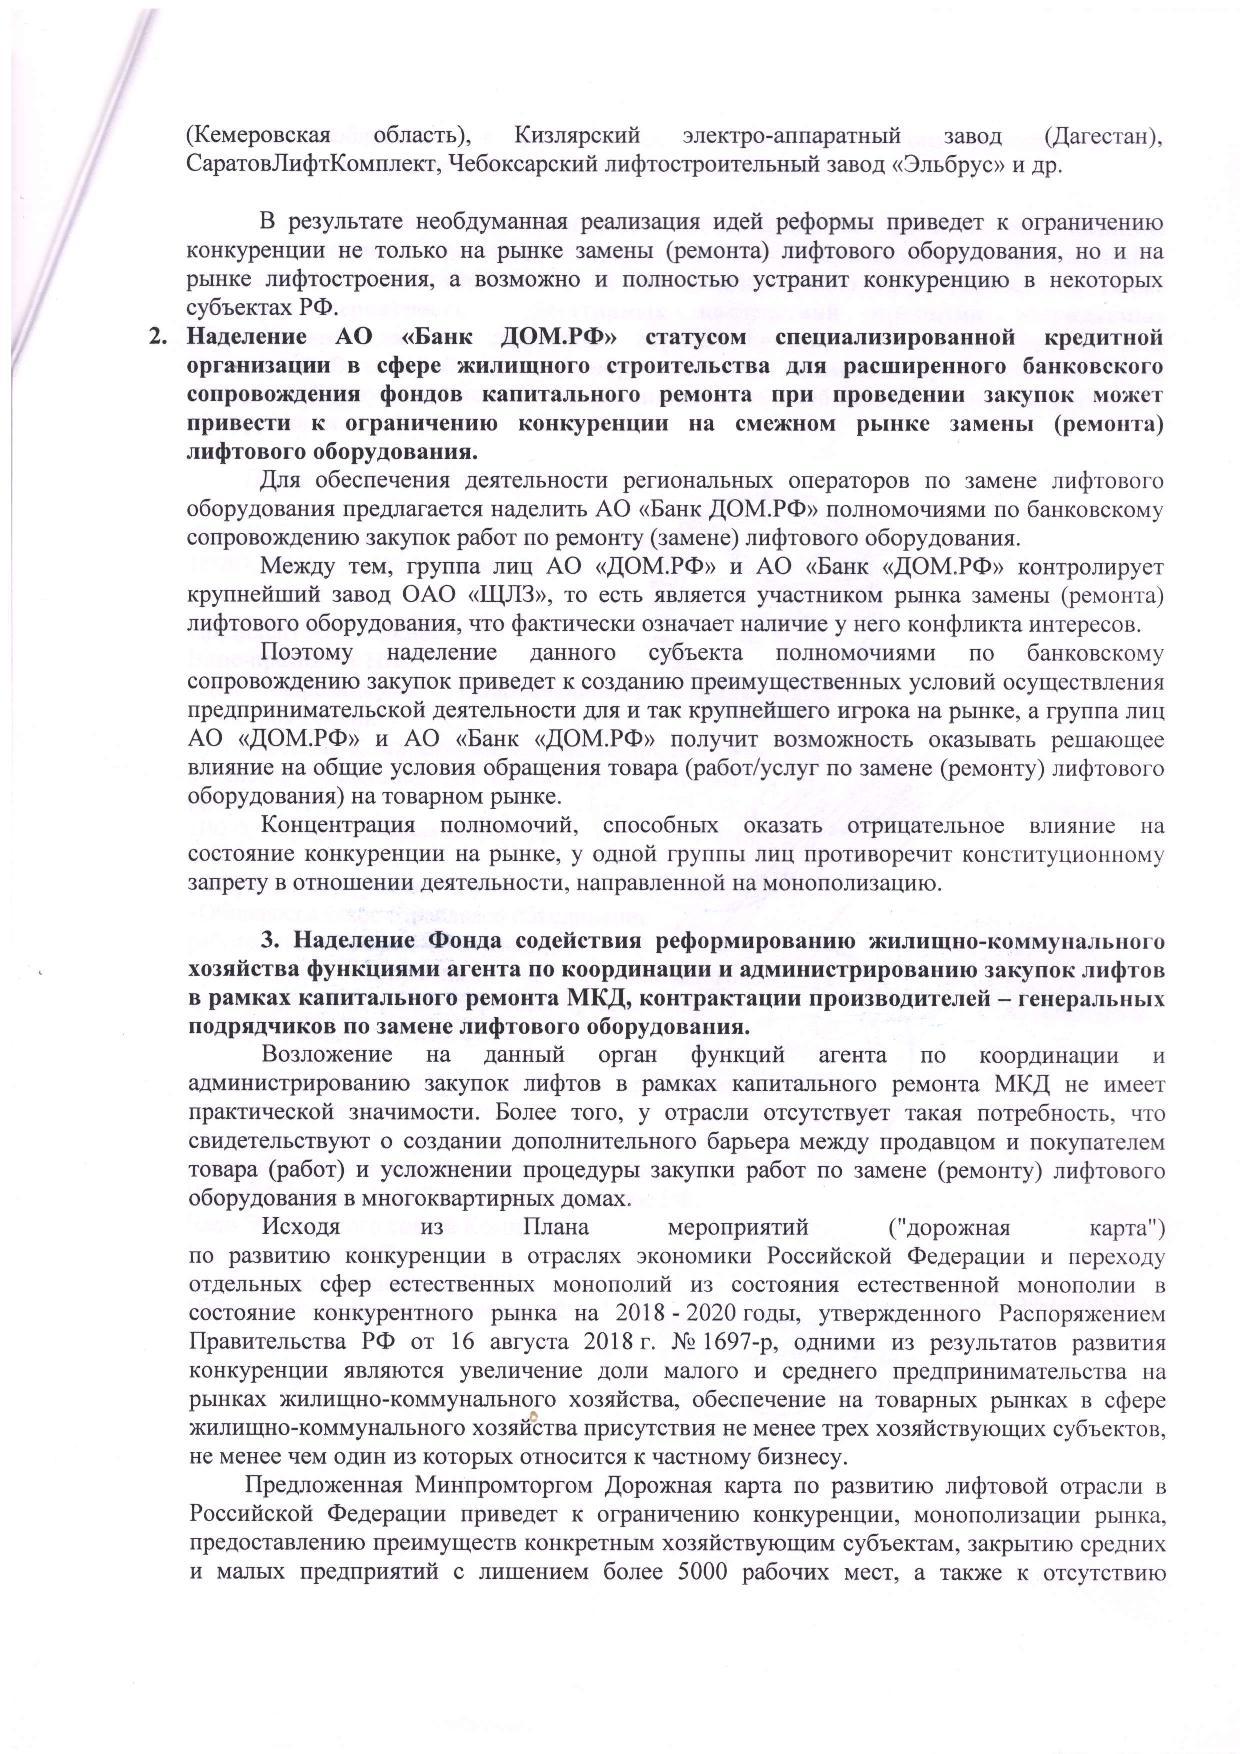 Национальный Лифтовый Союз предупредил Вице-премьера Мутко о возможных негативных последствиях консолидации лифтовой отрасли